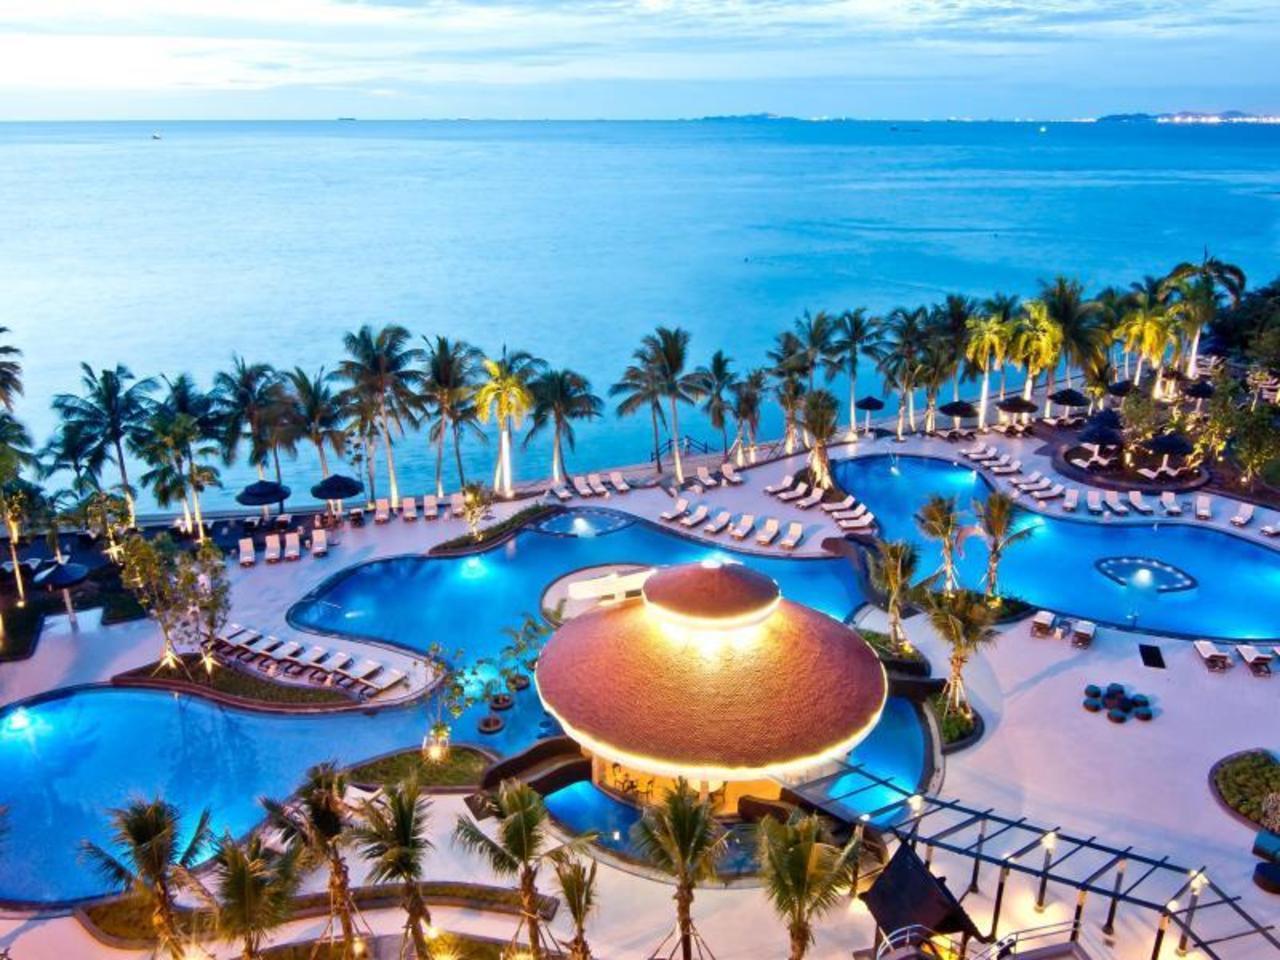 รอยัล วิง สวีทส์ แอนด์ สปา บาย รอยัล คลิฟ โฮเต็ล กรุ๊ป (Royal Wing Suites & Spa by Royal Cliff Hotels Group)